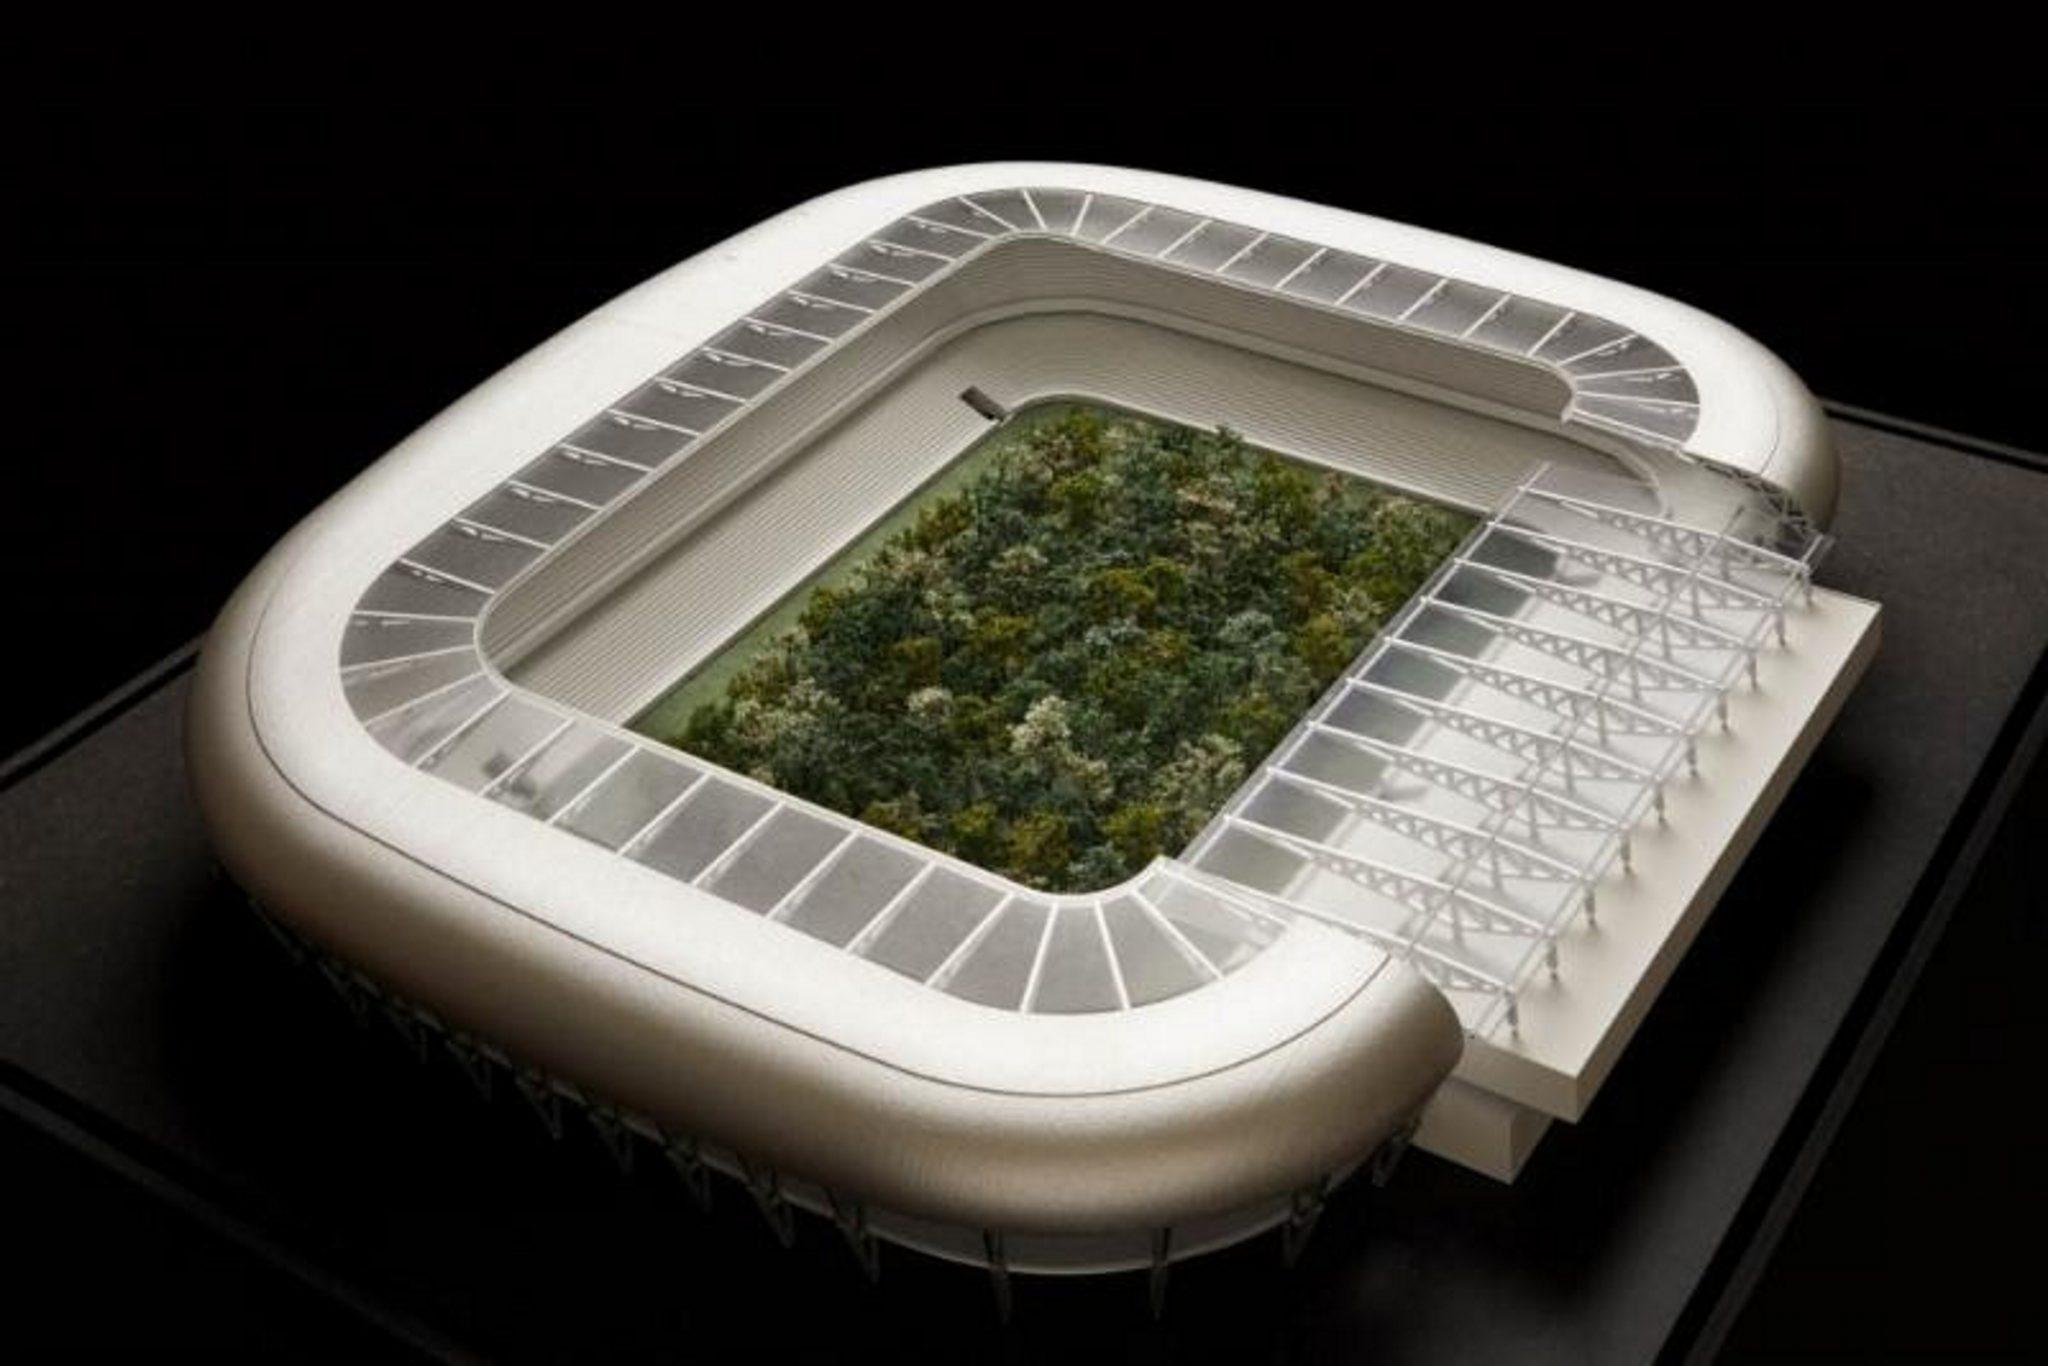 Una foresta dentro a uno stadio. Ecco la più grande installazione artistica pubblica dell'Austria